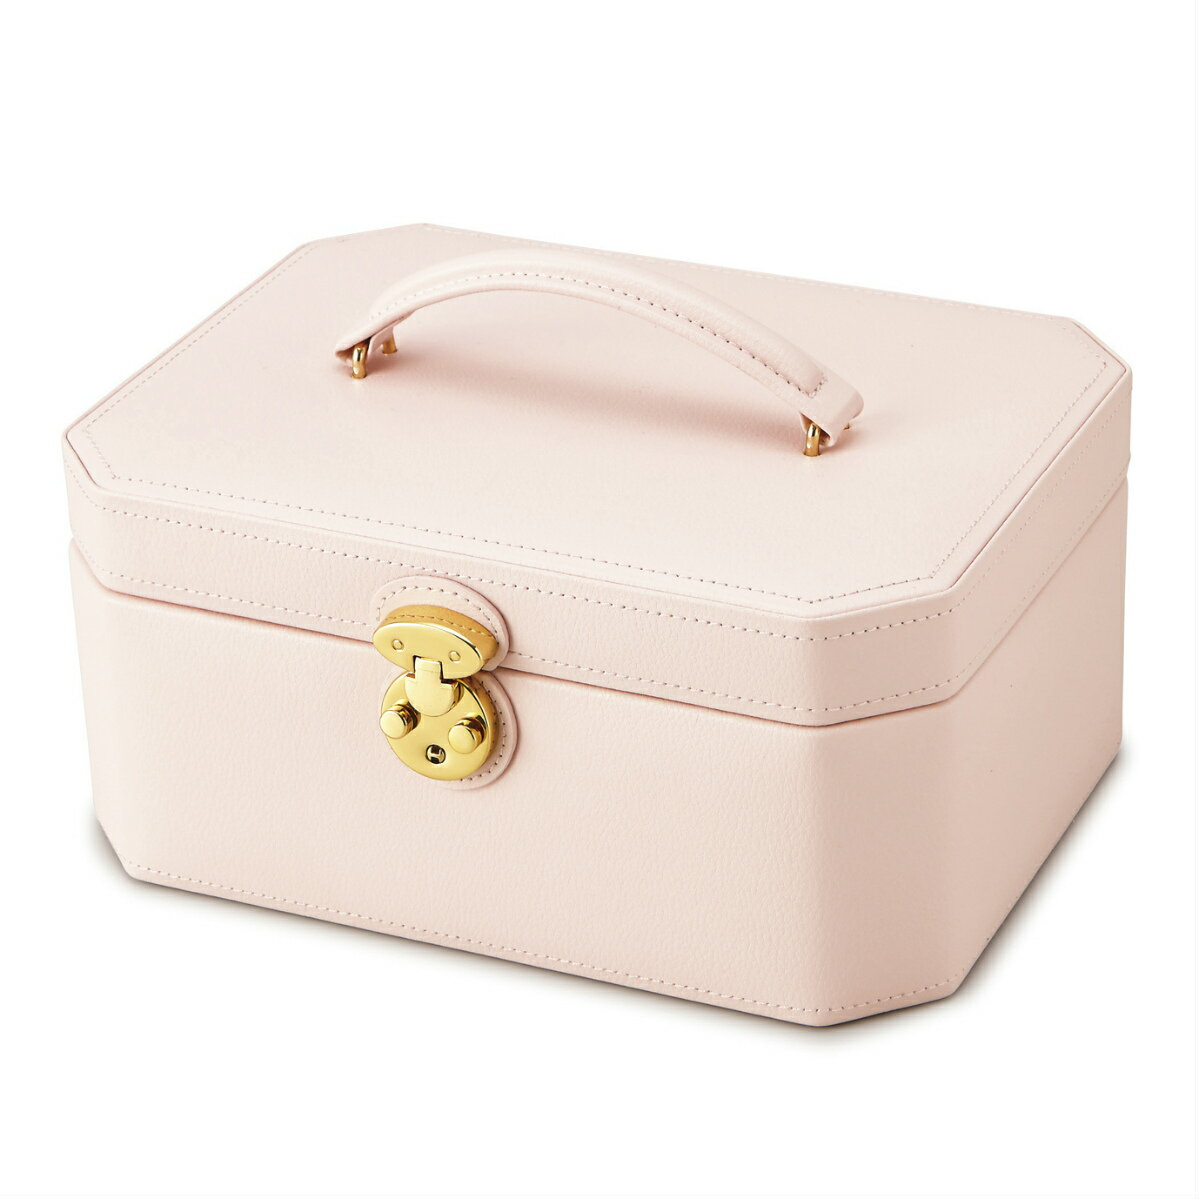 【代引き不可】【納期指定不可】【Leather Jewel Case Collection】レザージュエルケース